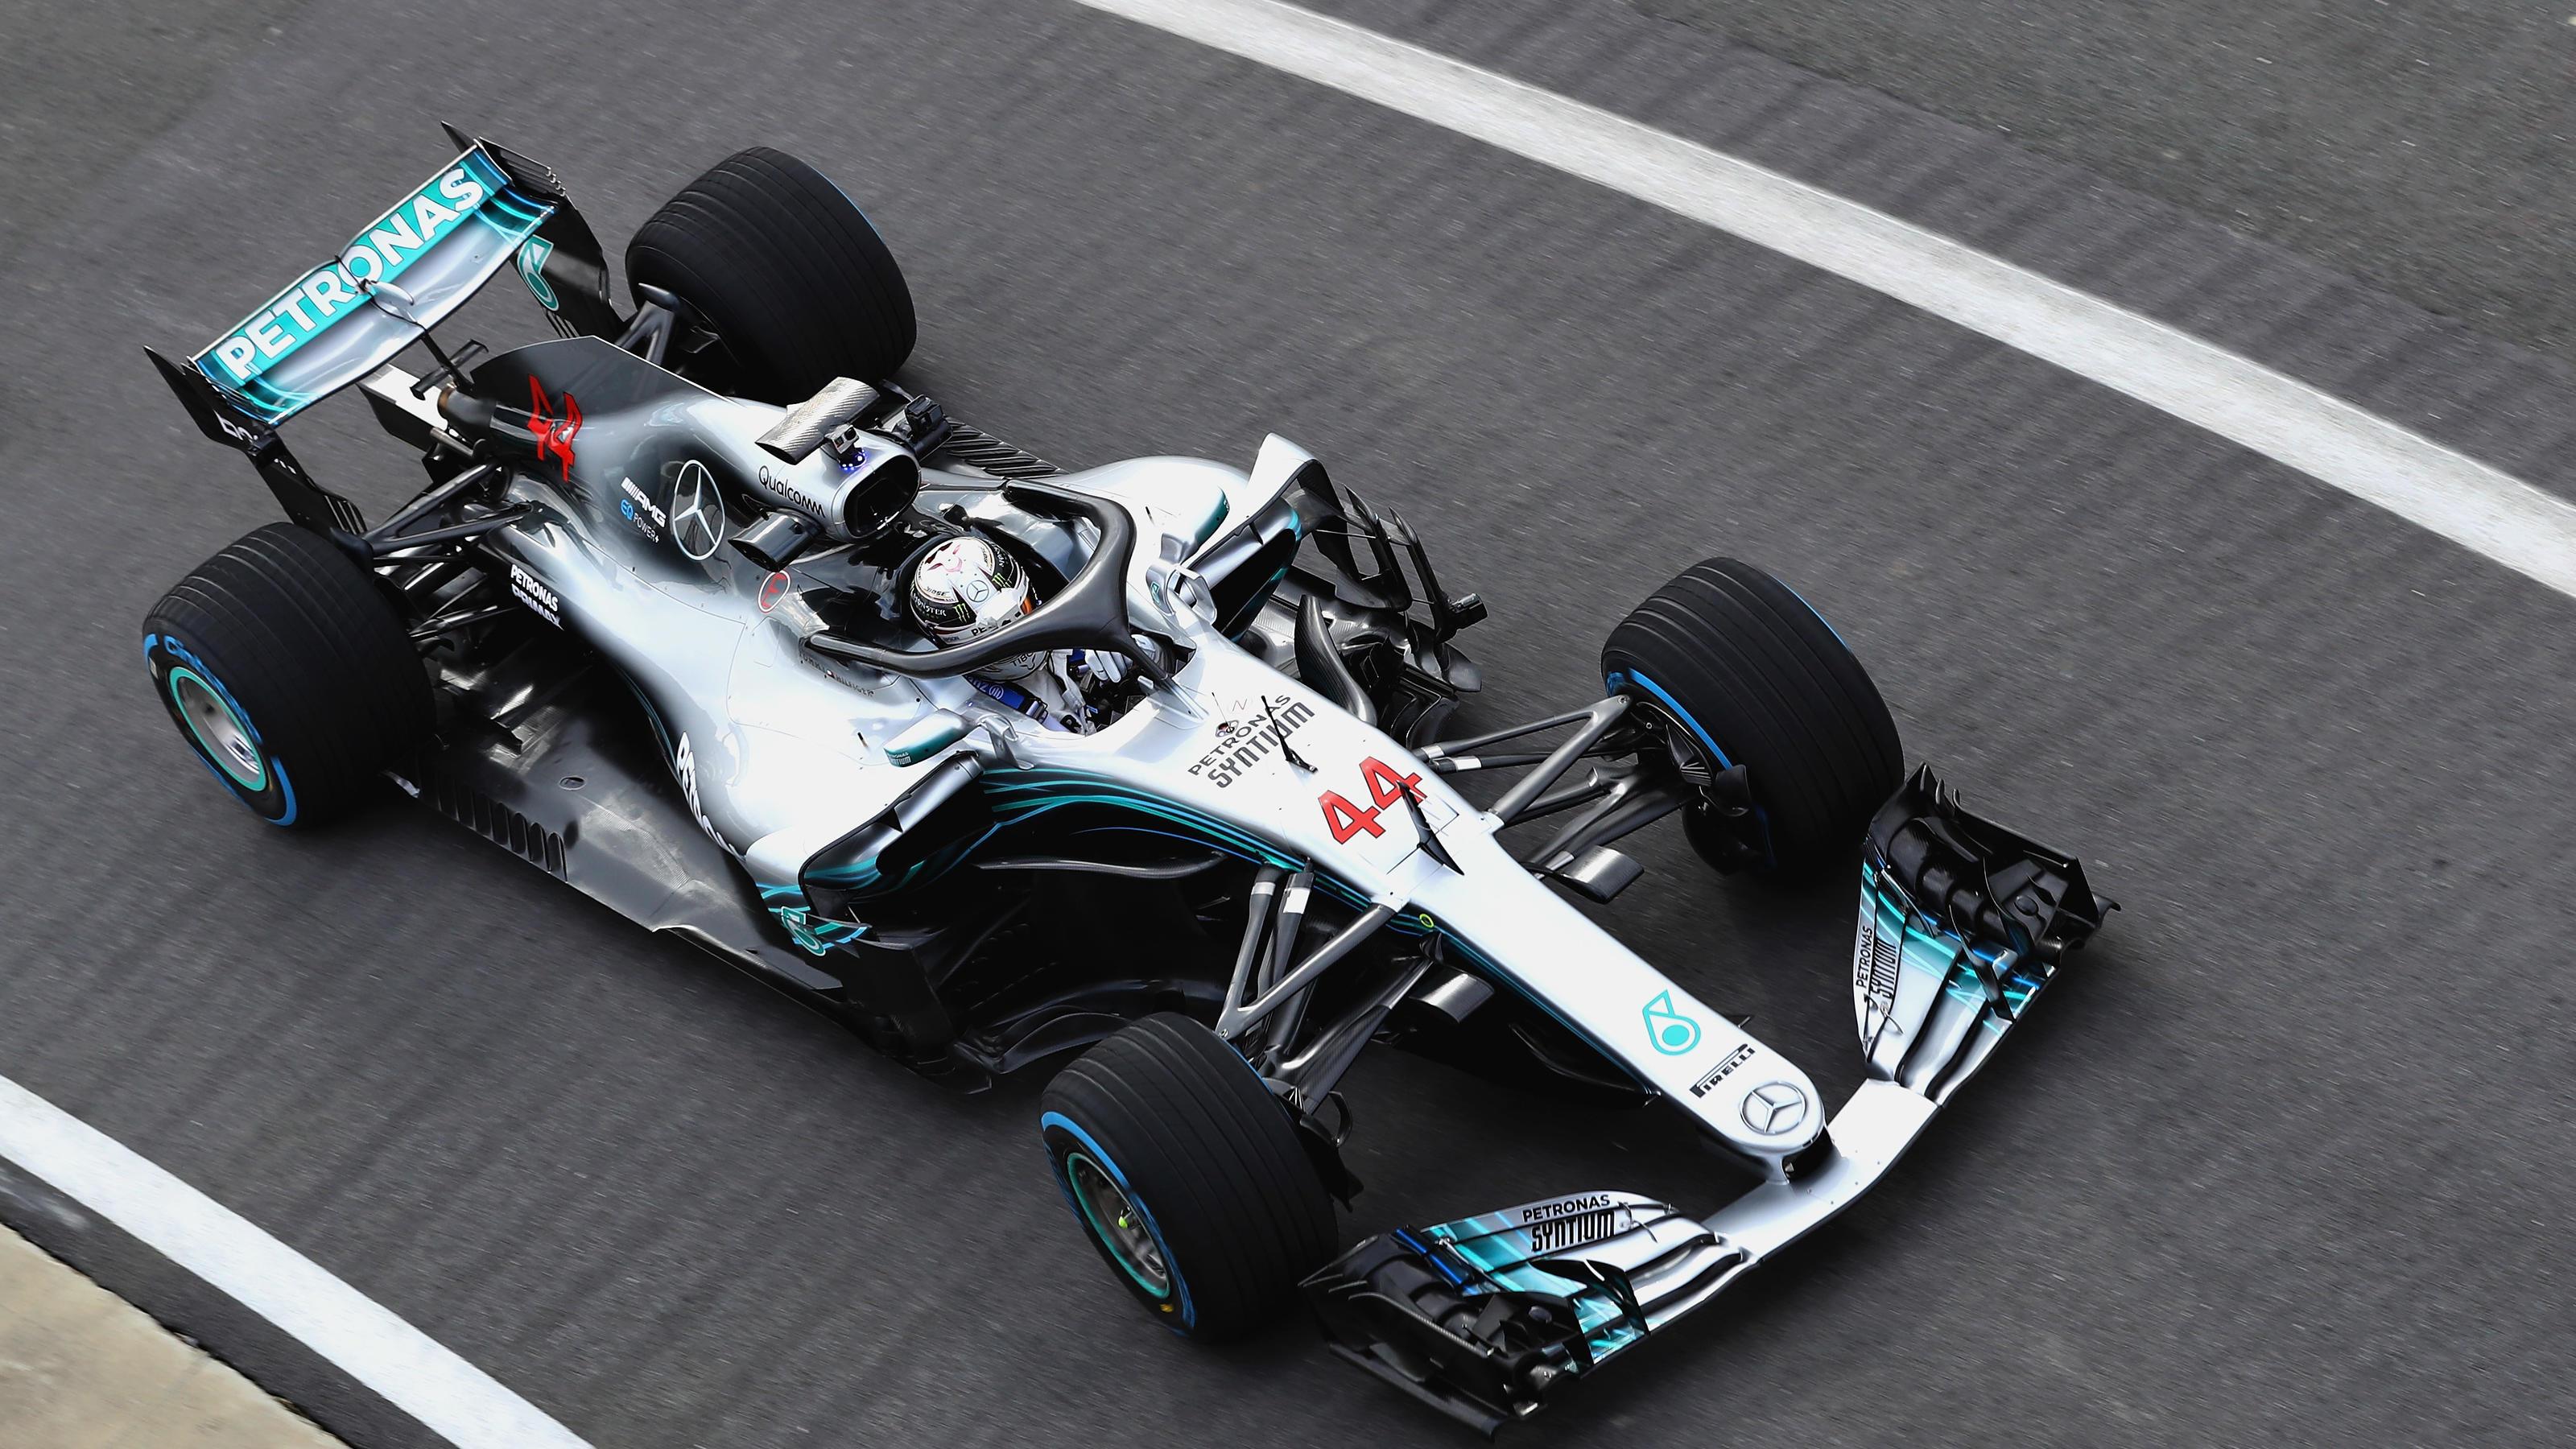 Formel 1: Mercedes präsentiert den neuen W09 EQ Power+ mit ...